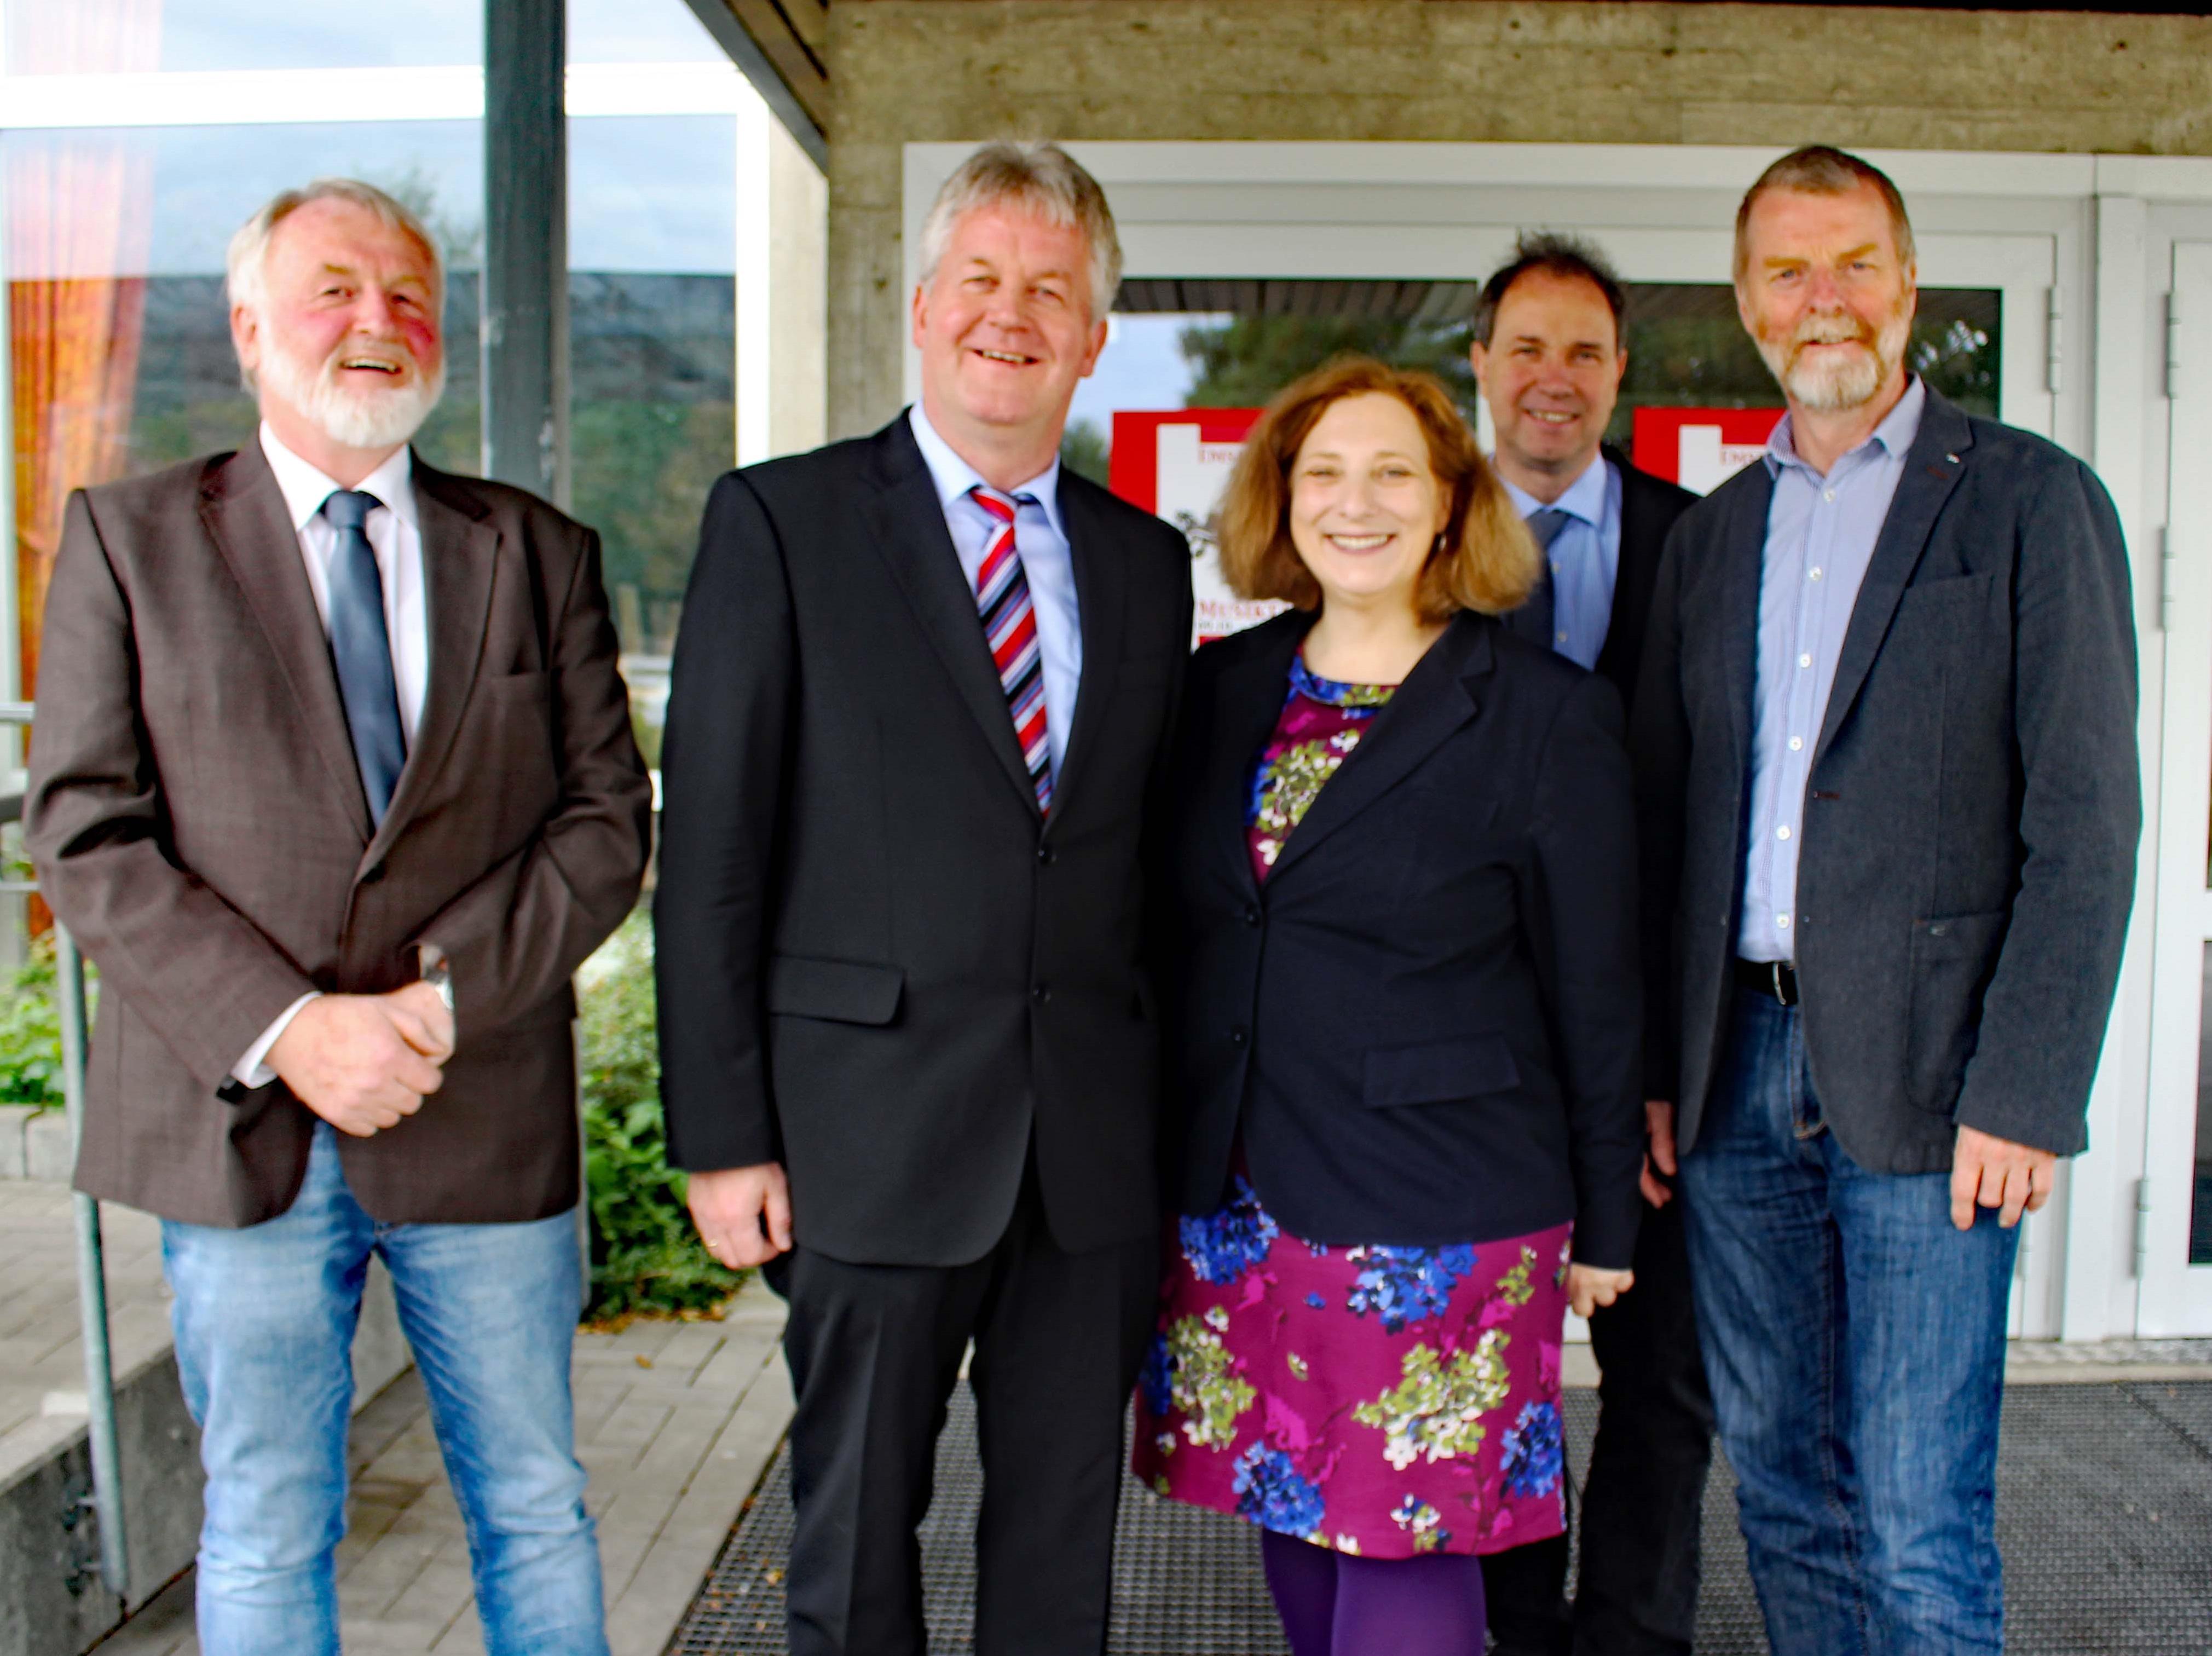 Friedhelm Wolksi-Prenger, Bernhard Overberg, Dr. Daniela de Ridder, Wolfram de Ridder und Hugo Kirchhelle (v.l.n.r.)